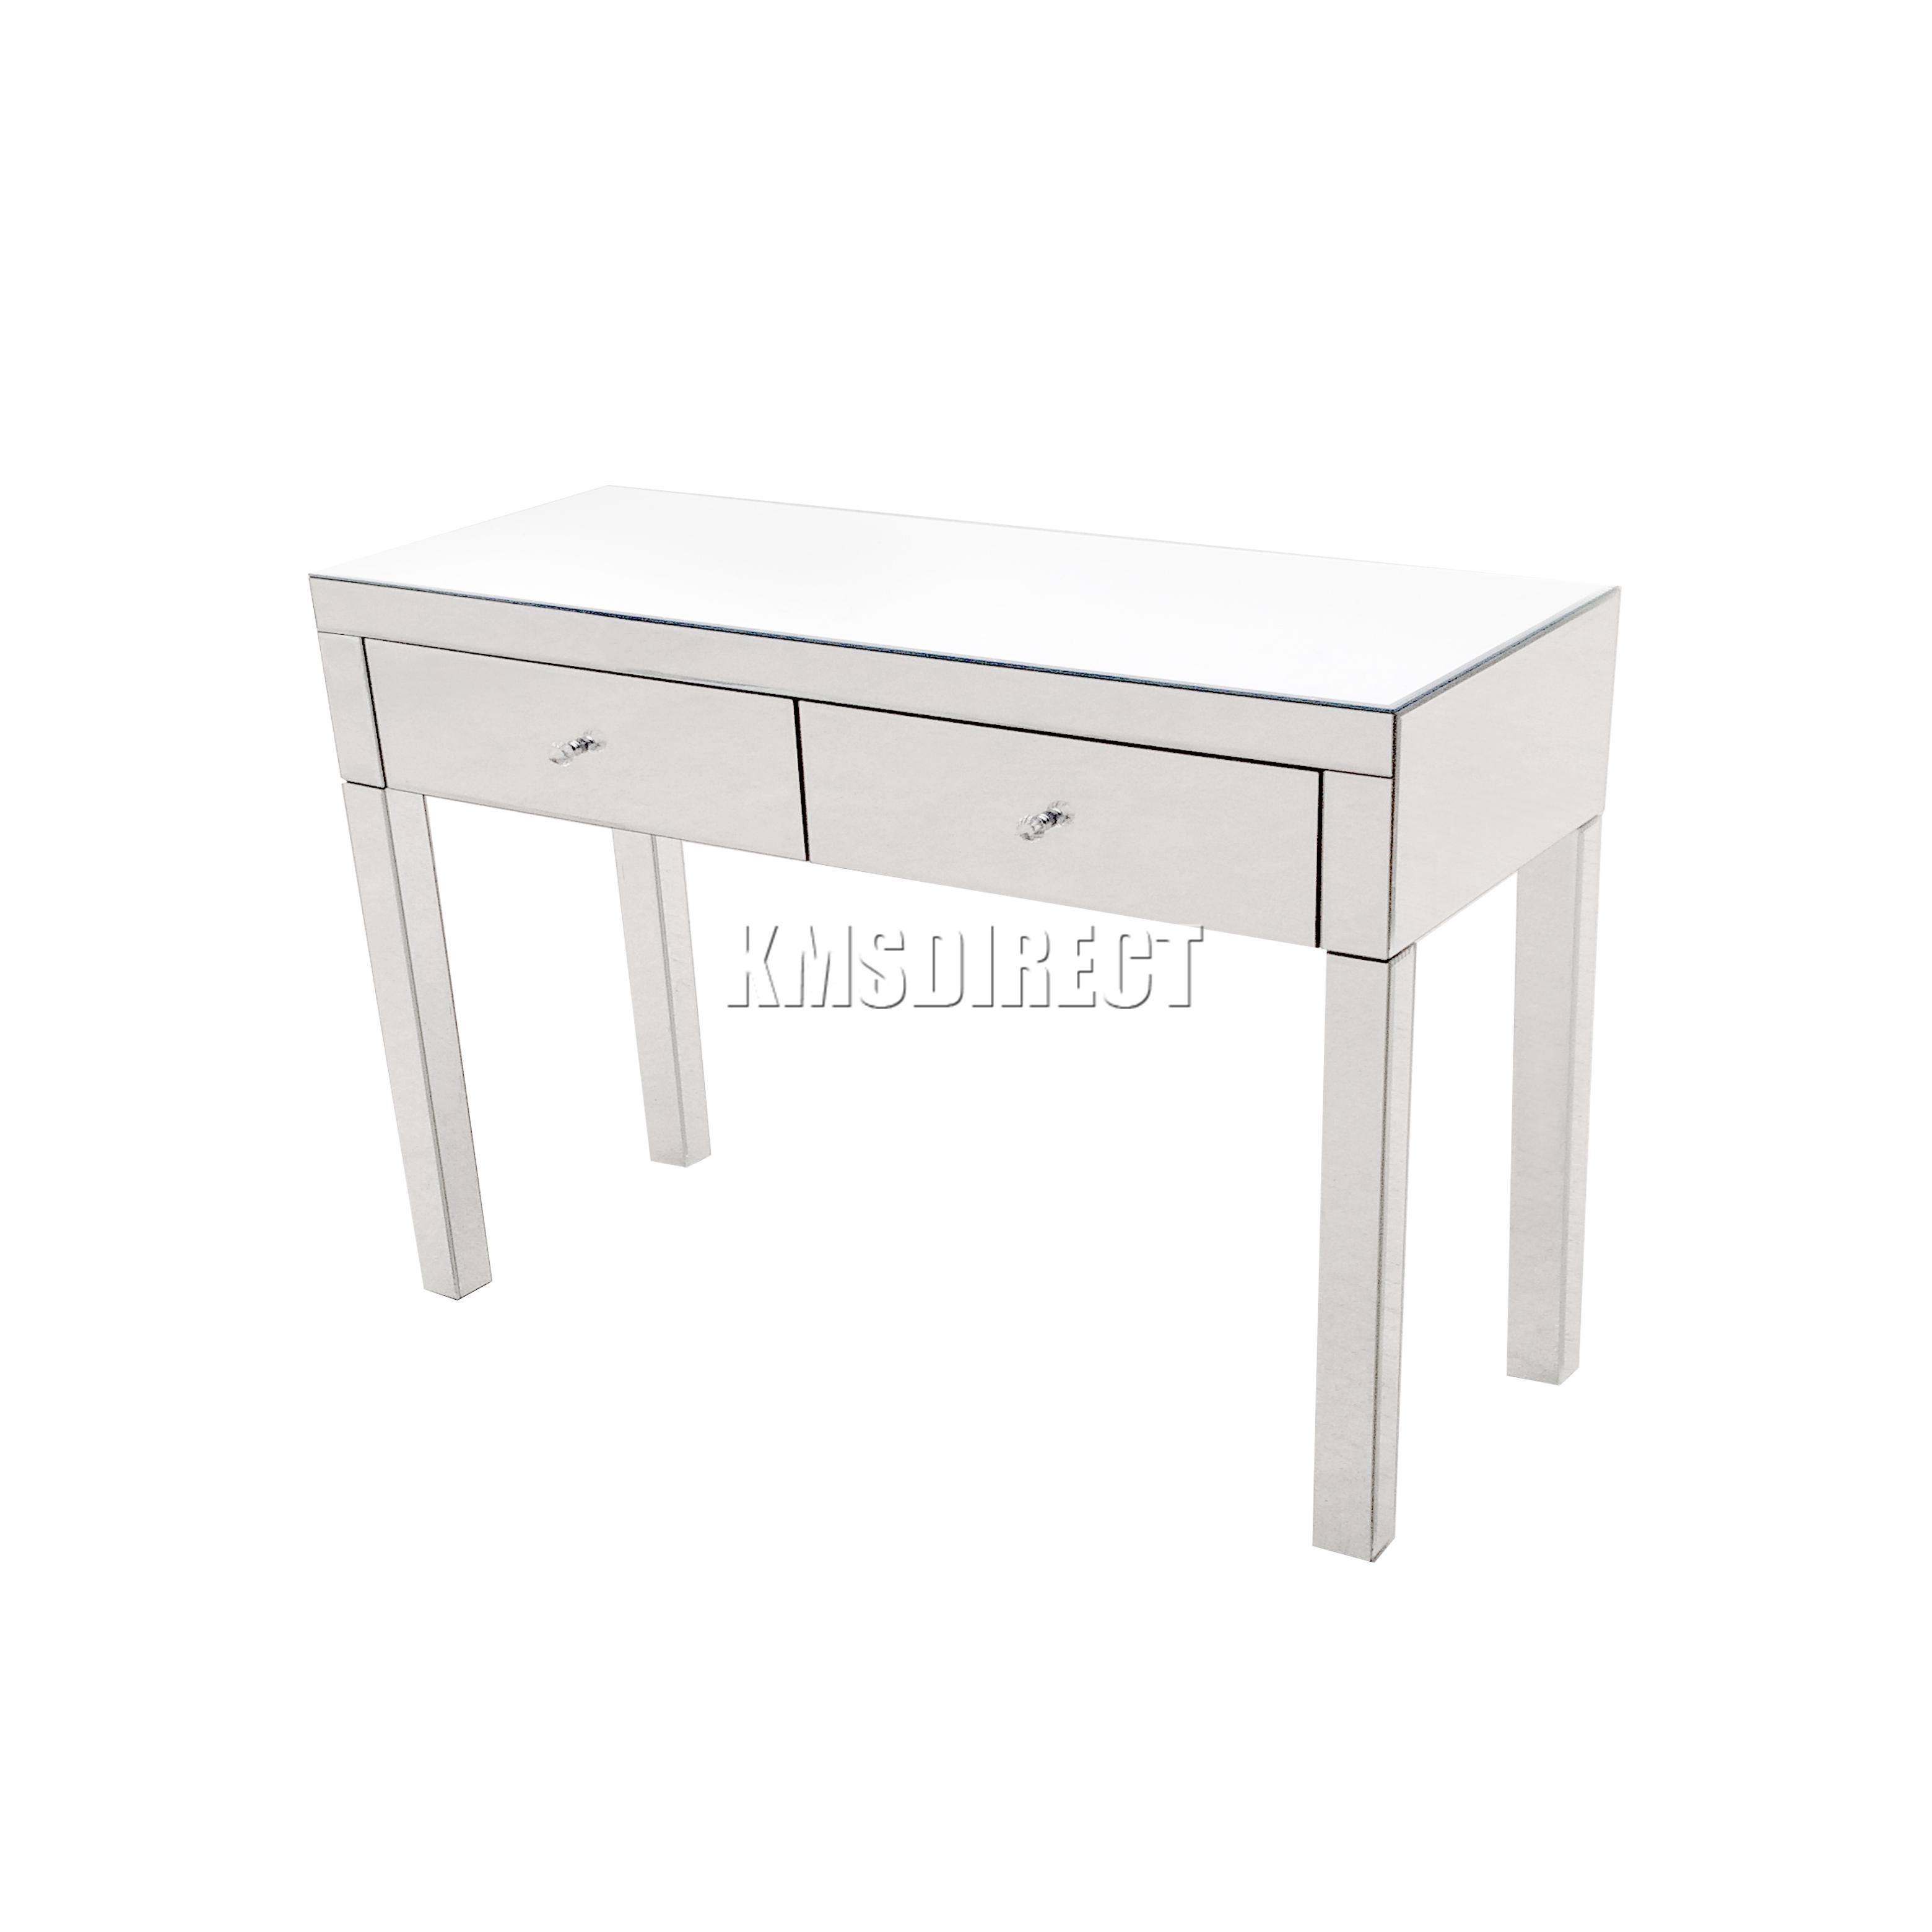 Foxhunter copi meubles verre coiffeuse avec tiroir for Meuble coiffeuse en anglais